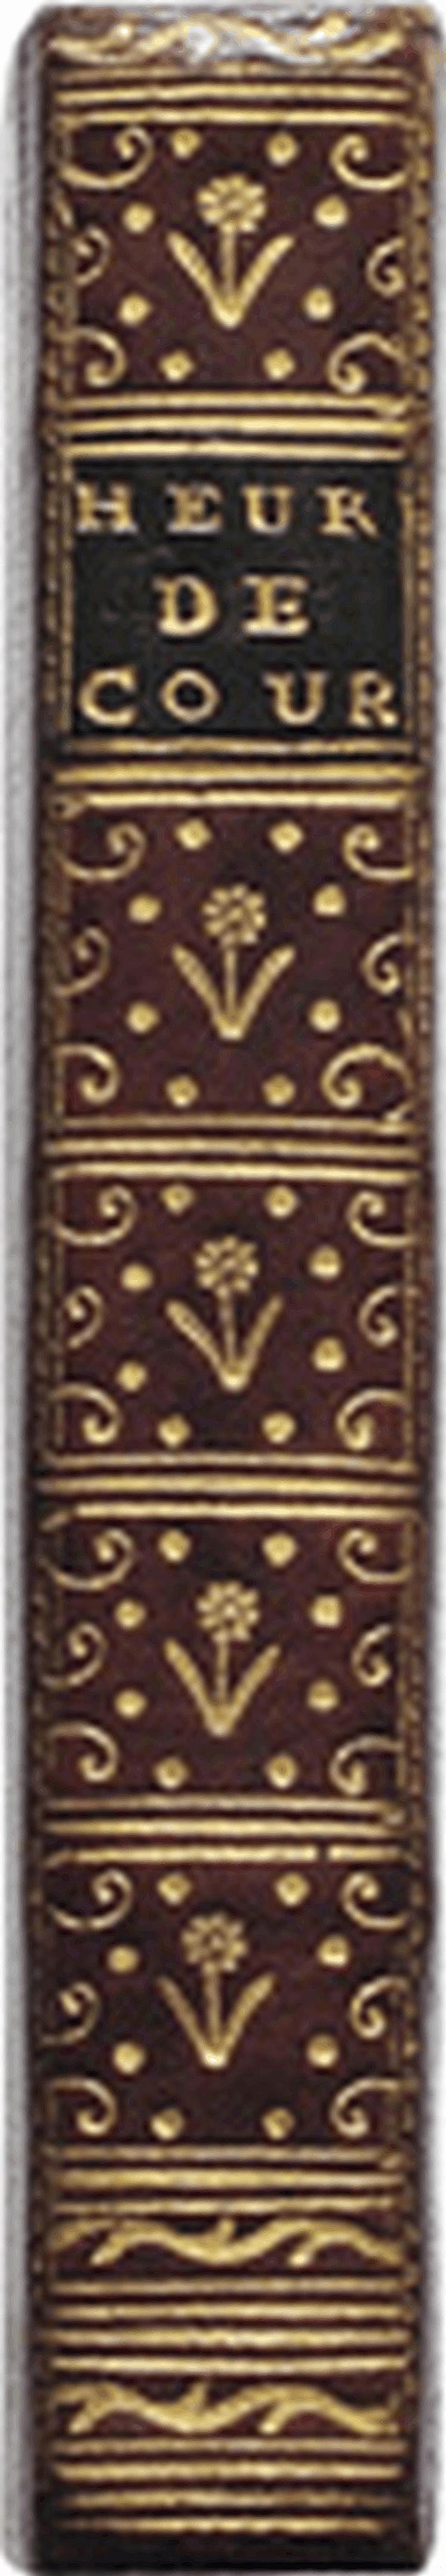 LA PUCELLE d'Orléans, poëme, divisé en vingt chants, avec des notes... à Conculix, 1765 ; in-18, plein maroquin rouge, encadrements de filets dorés, fleurons aux angles, dos lisse orné de caissons et fleurons dorés, pièce de titre en mar. vert,